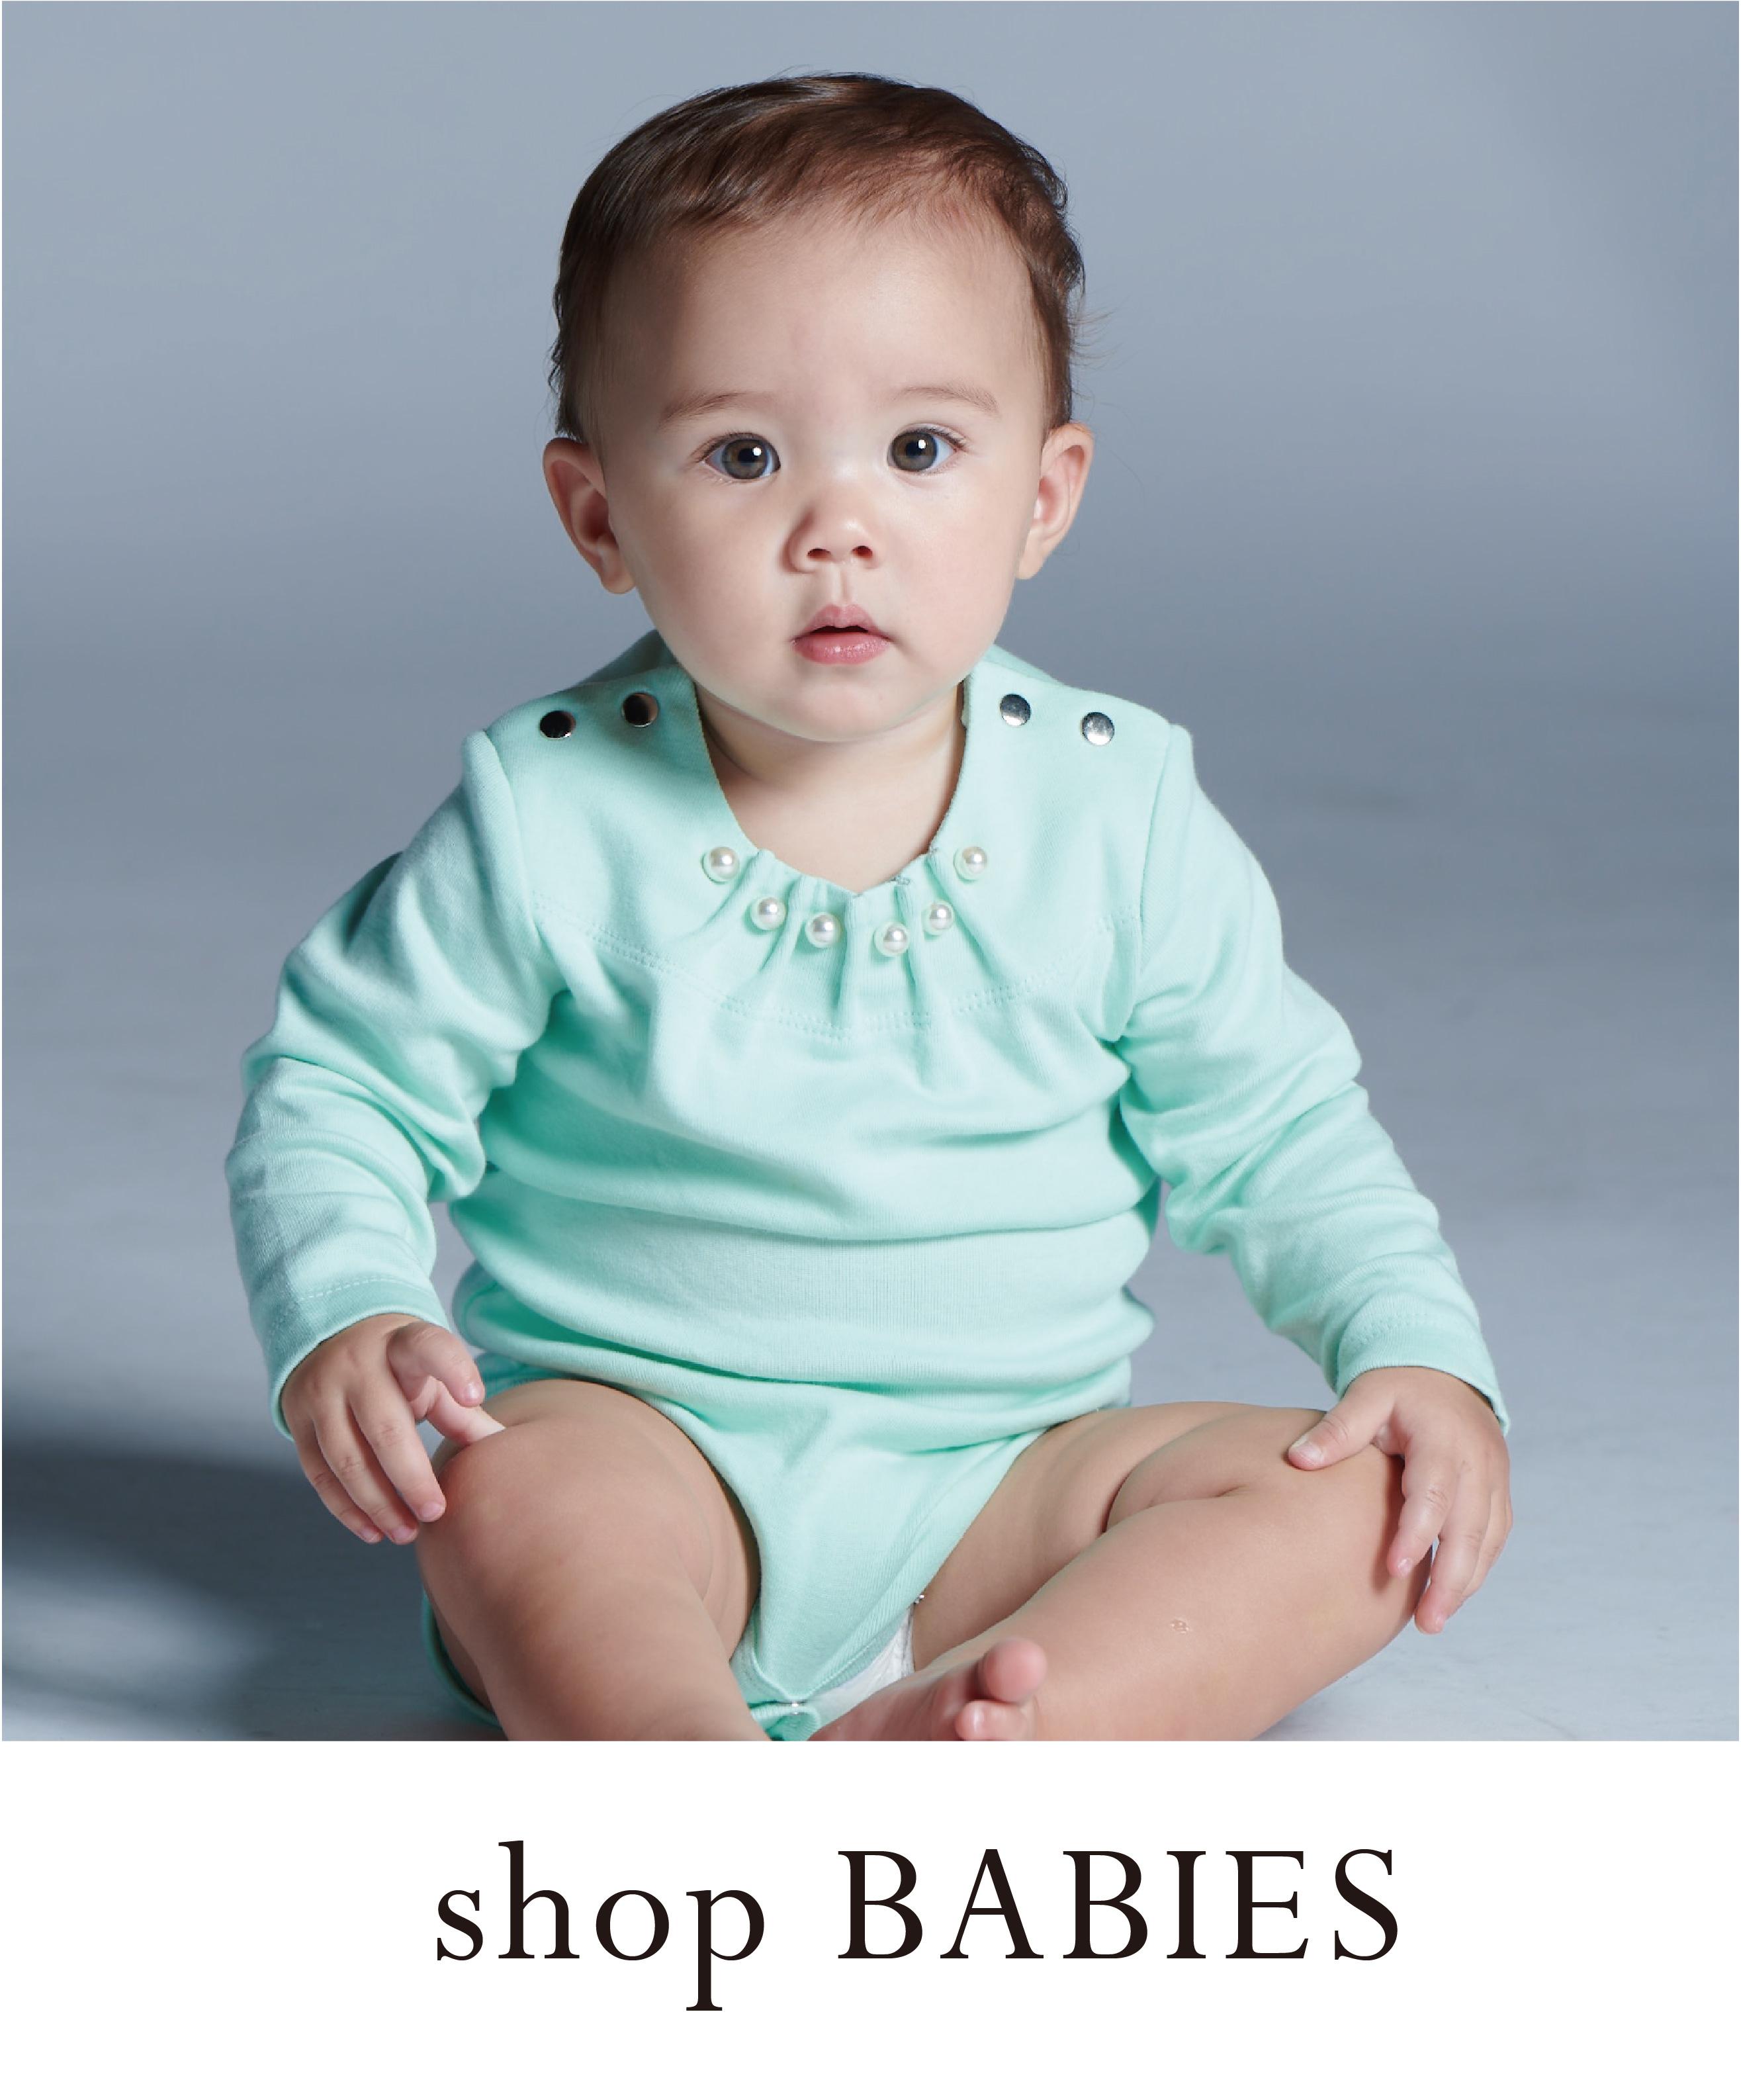 shop BABIES